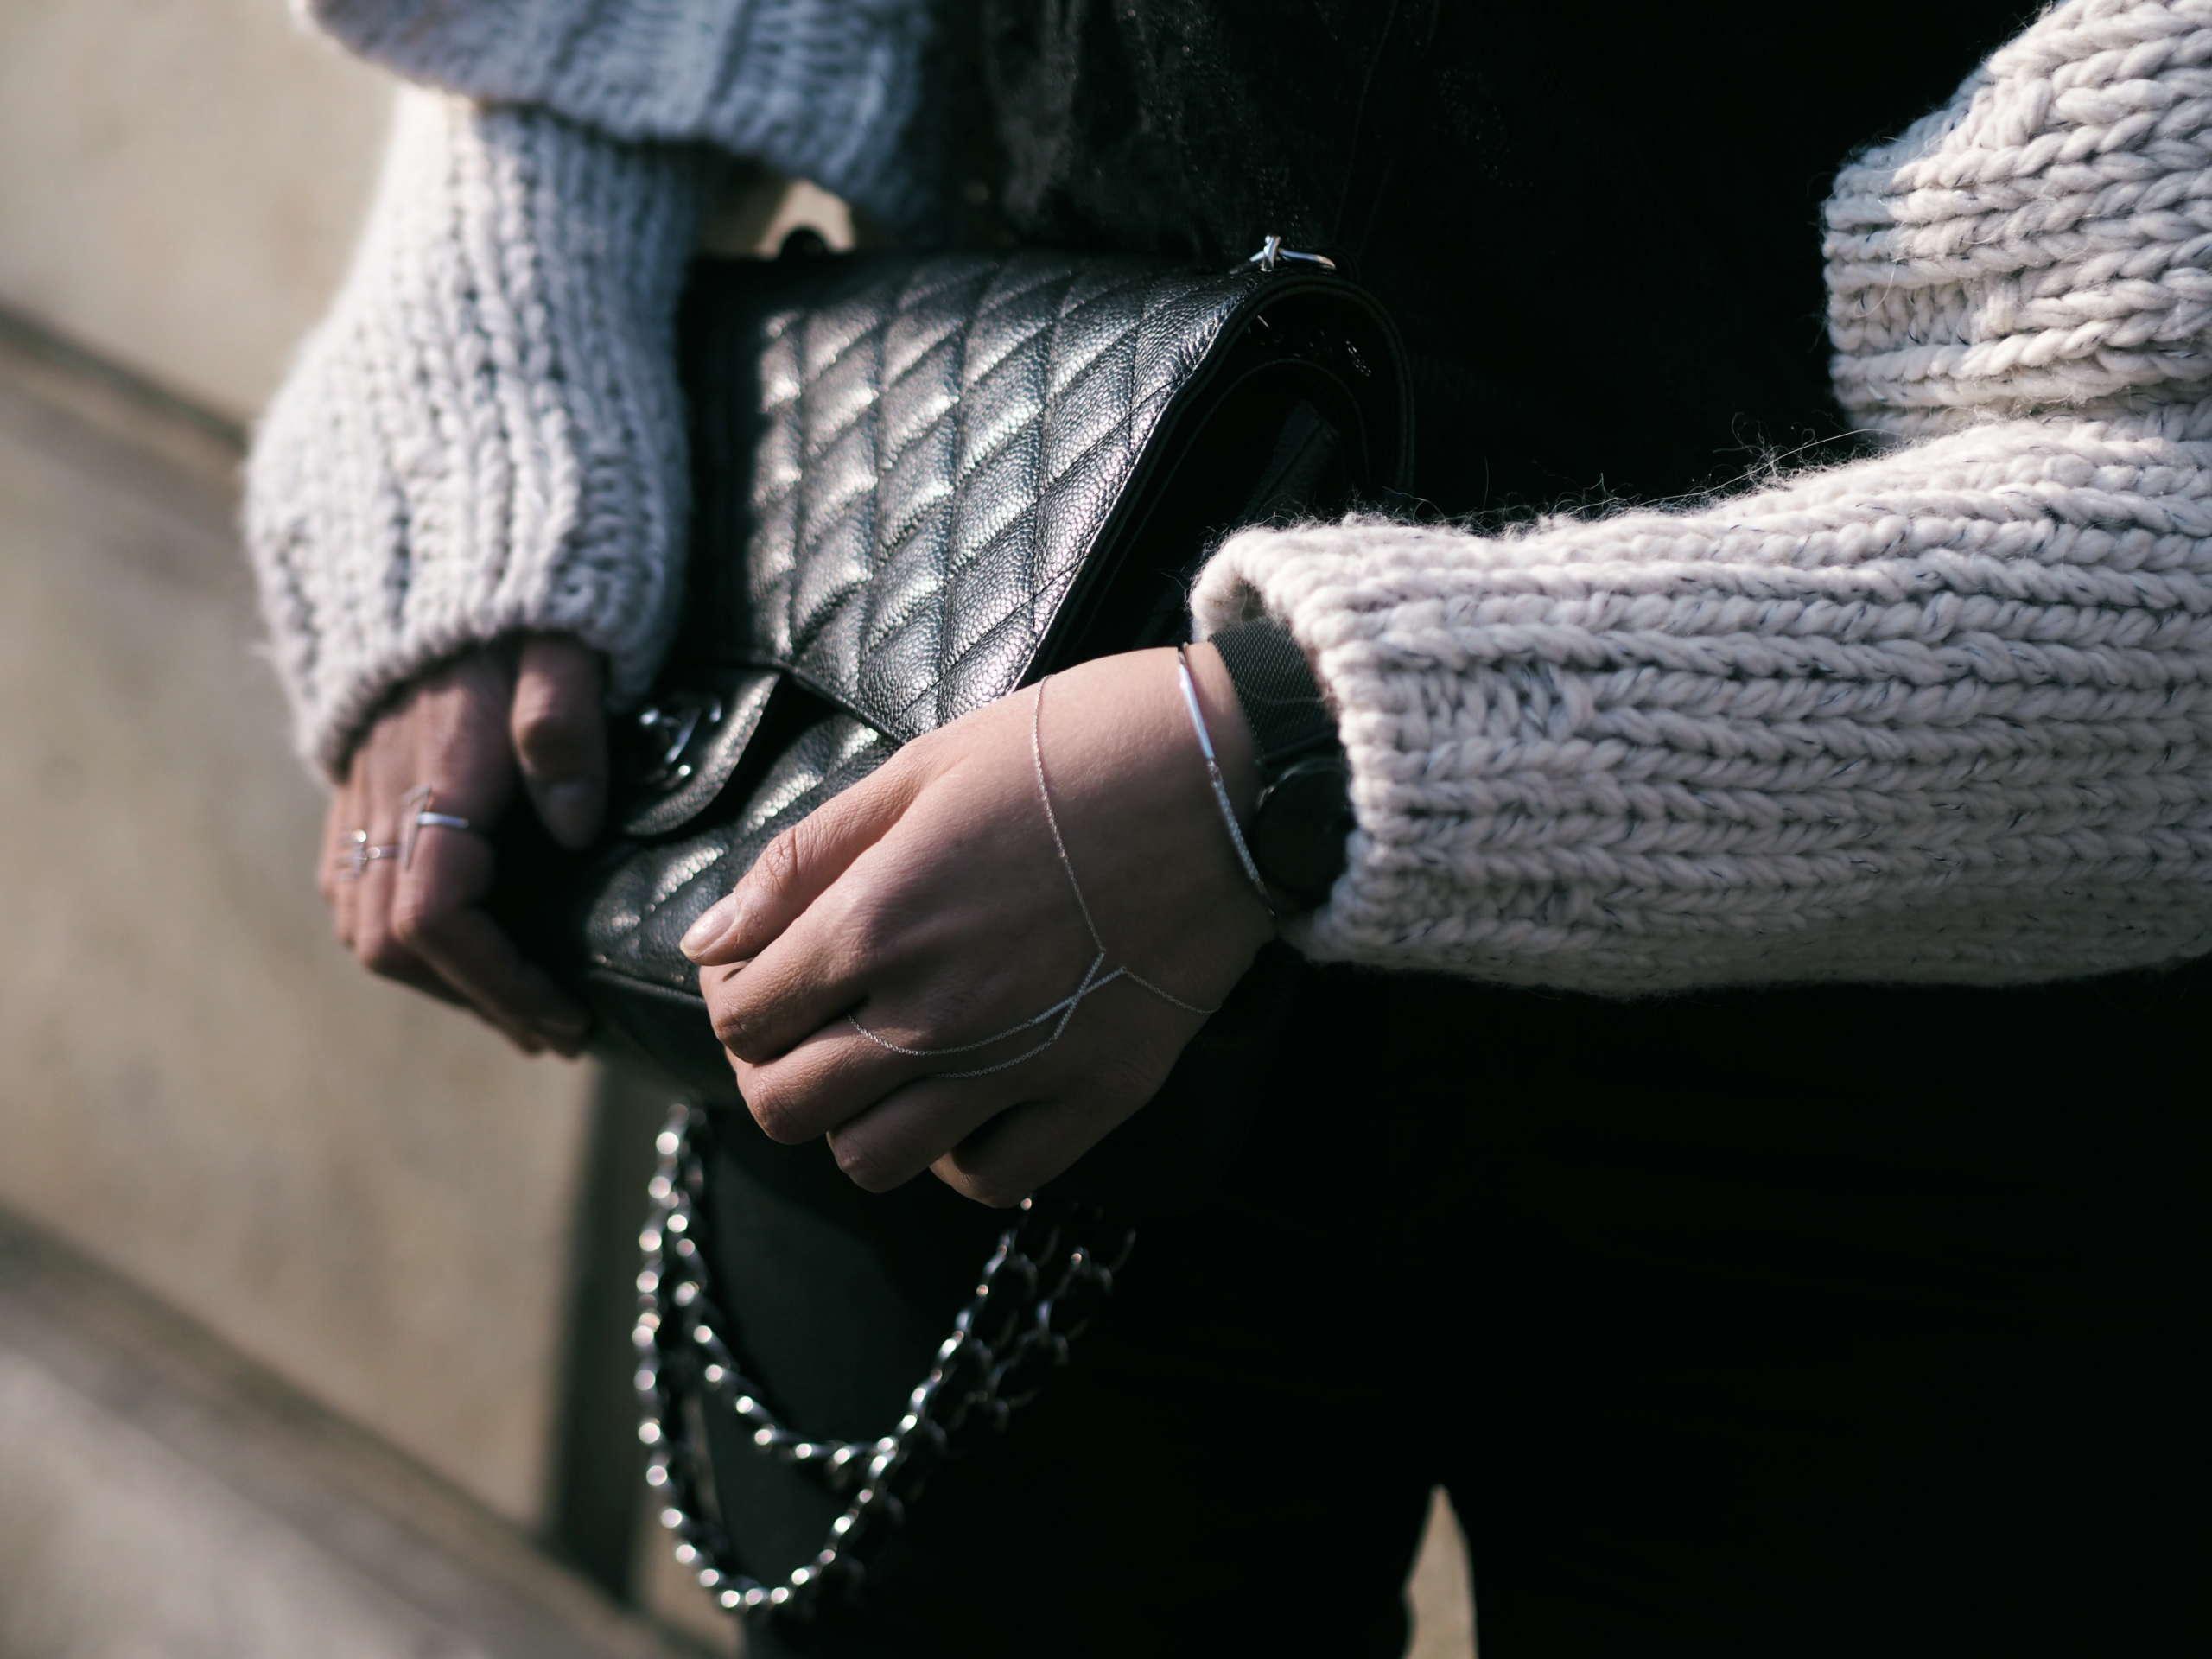 nickyinsideout - fine jewelry - jewelry - fashion jewelry - jewelry blog - dainty jewelry - 14k gold - diamonds